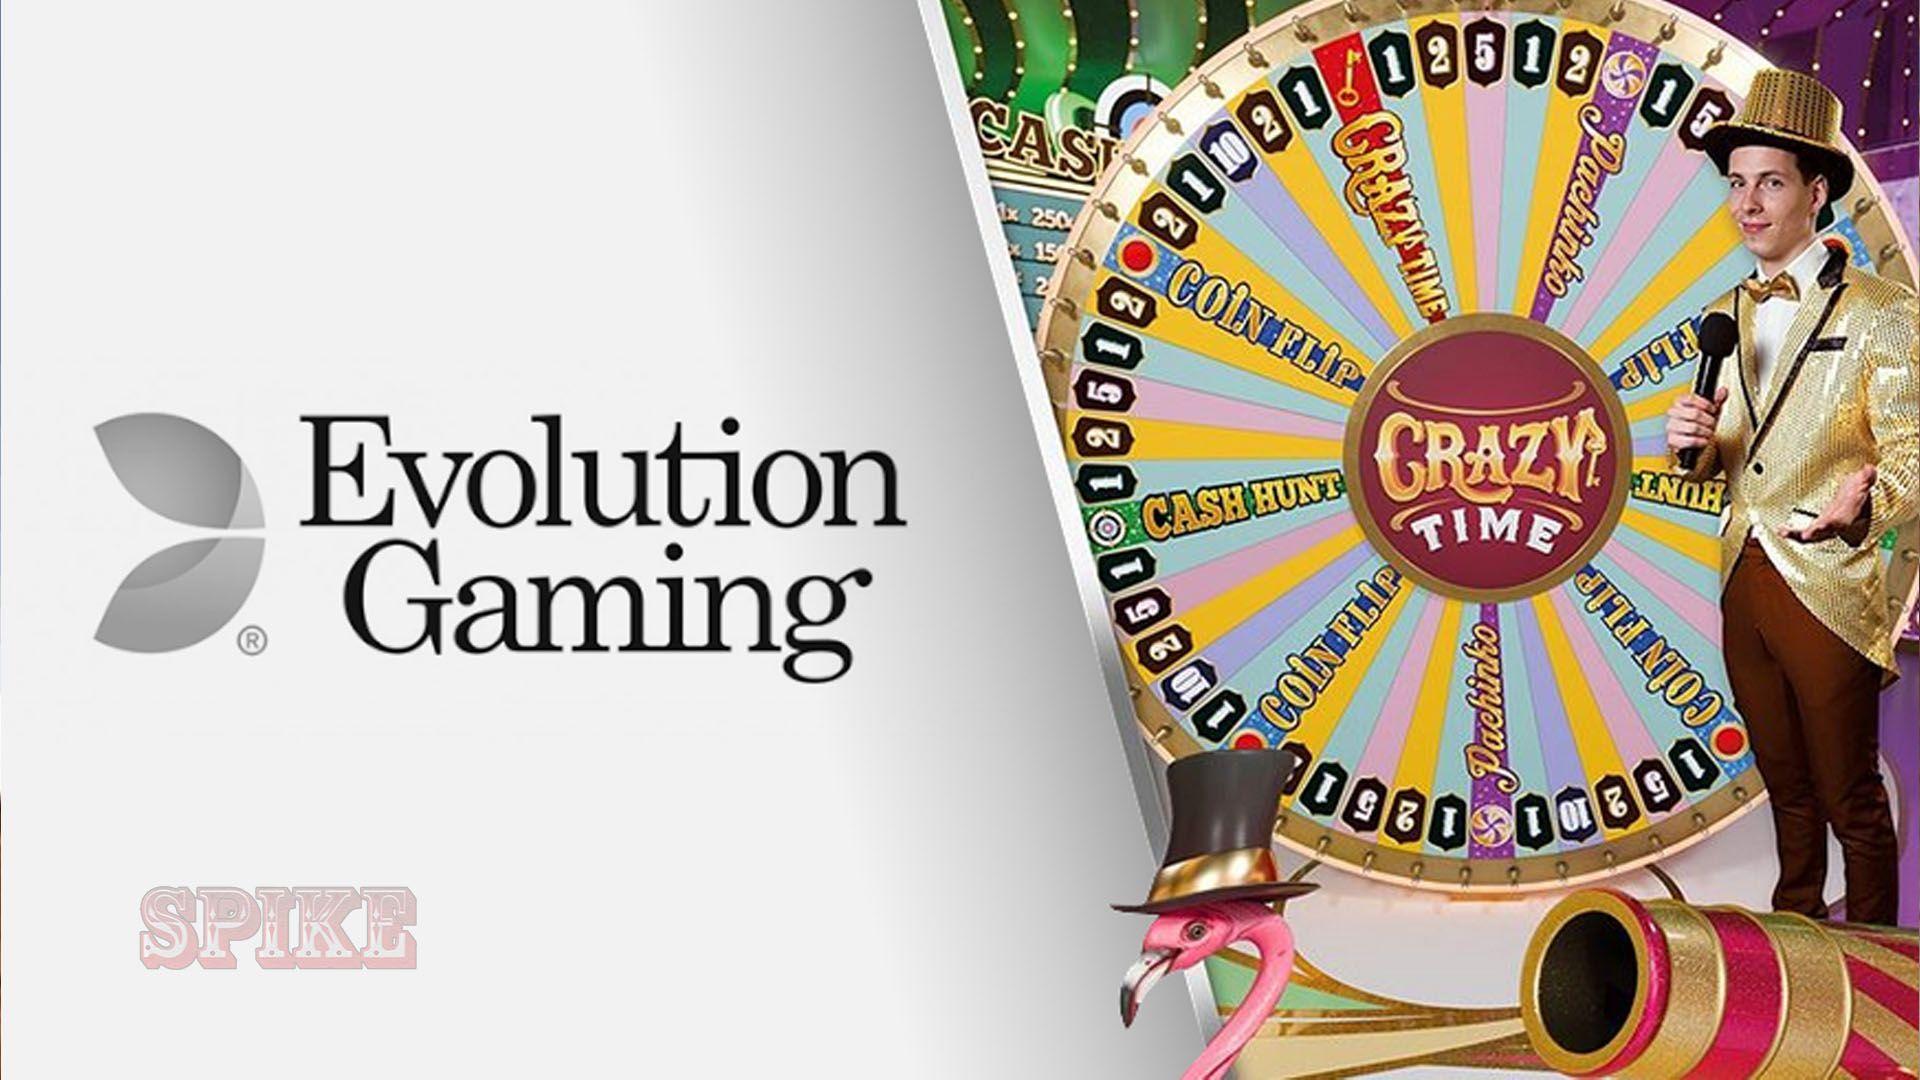 Crazy Time Evolution Gaming Guide Logo